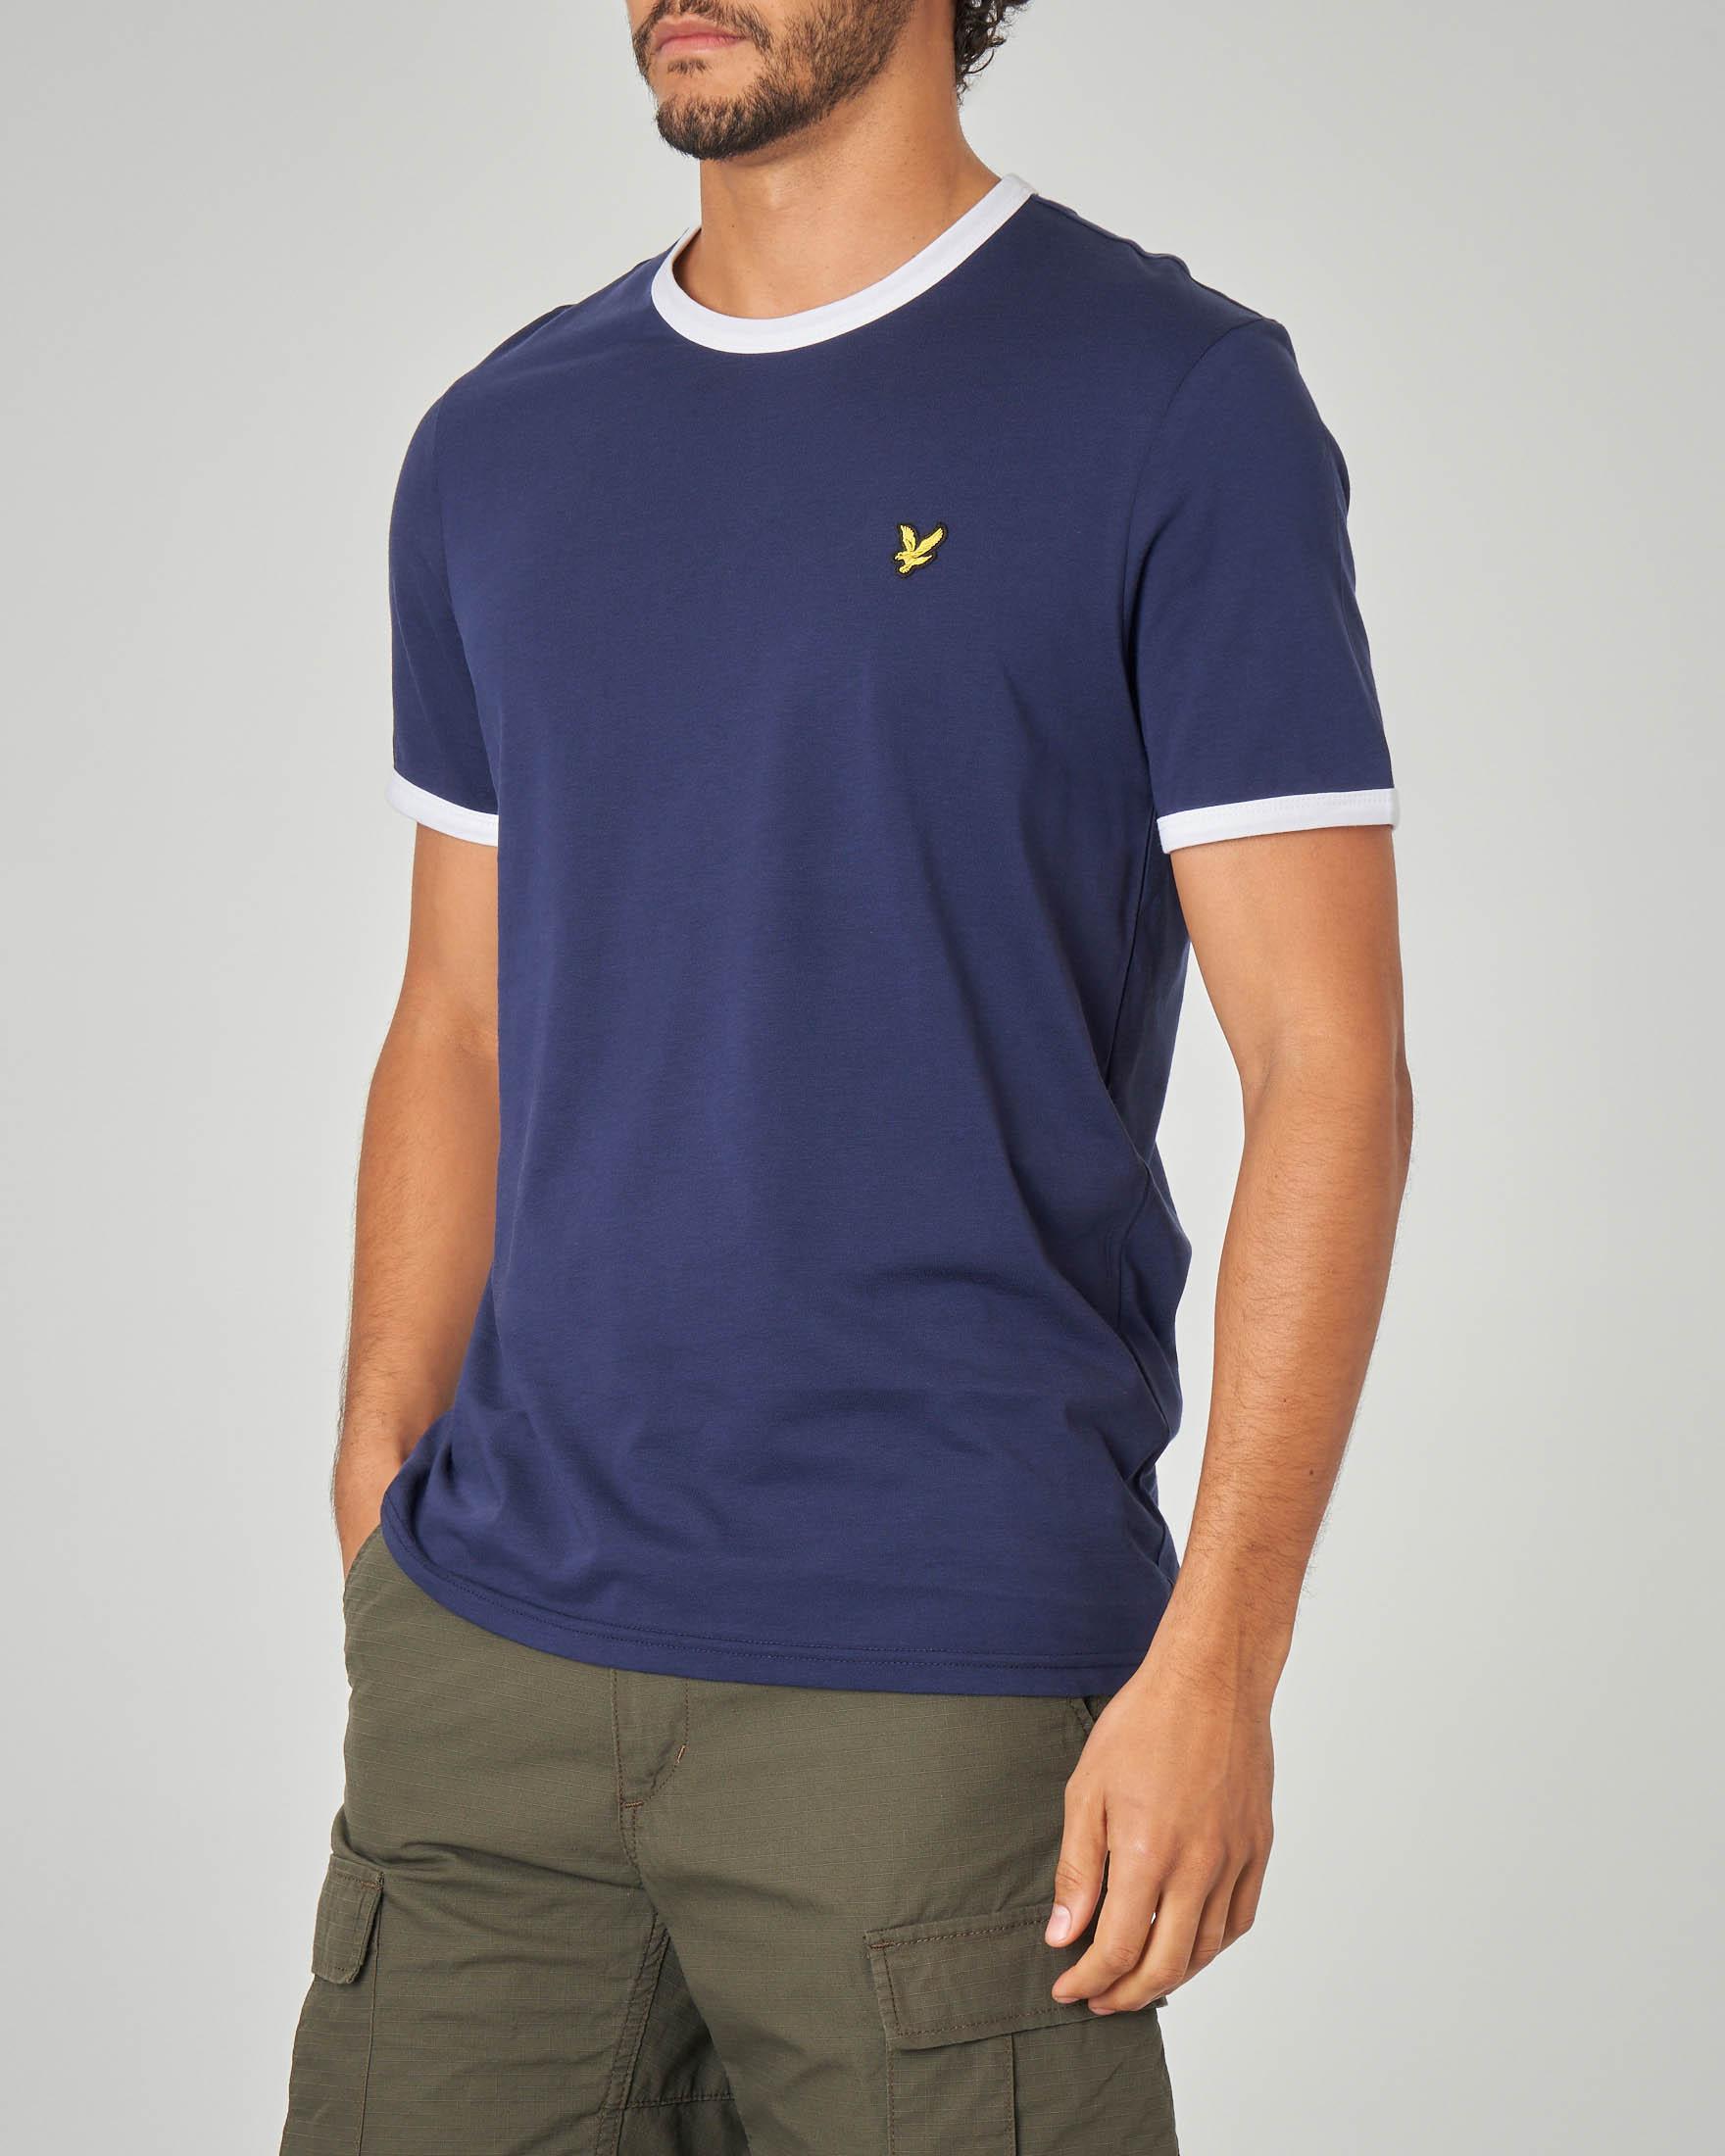 T-shirt blu con bordino su maniche e collo bianco